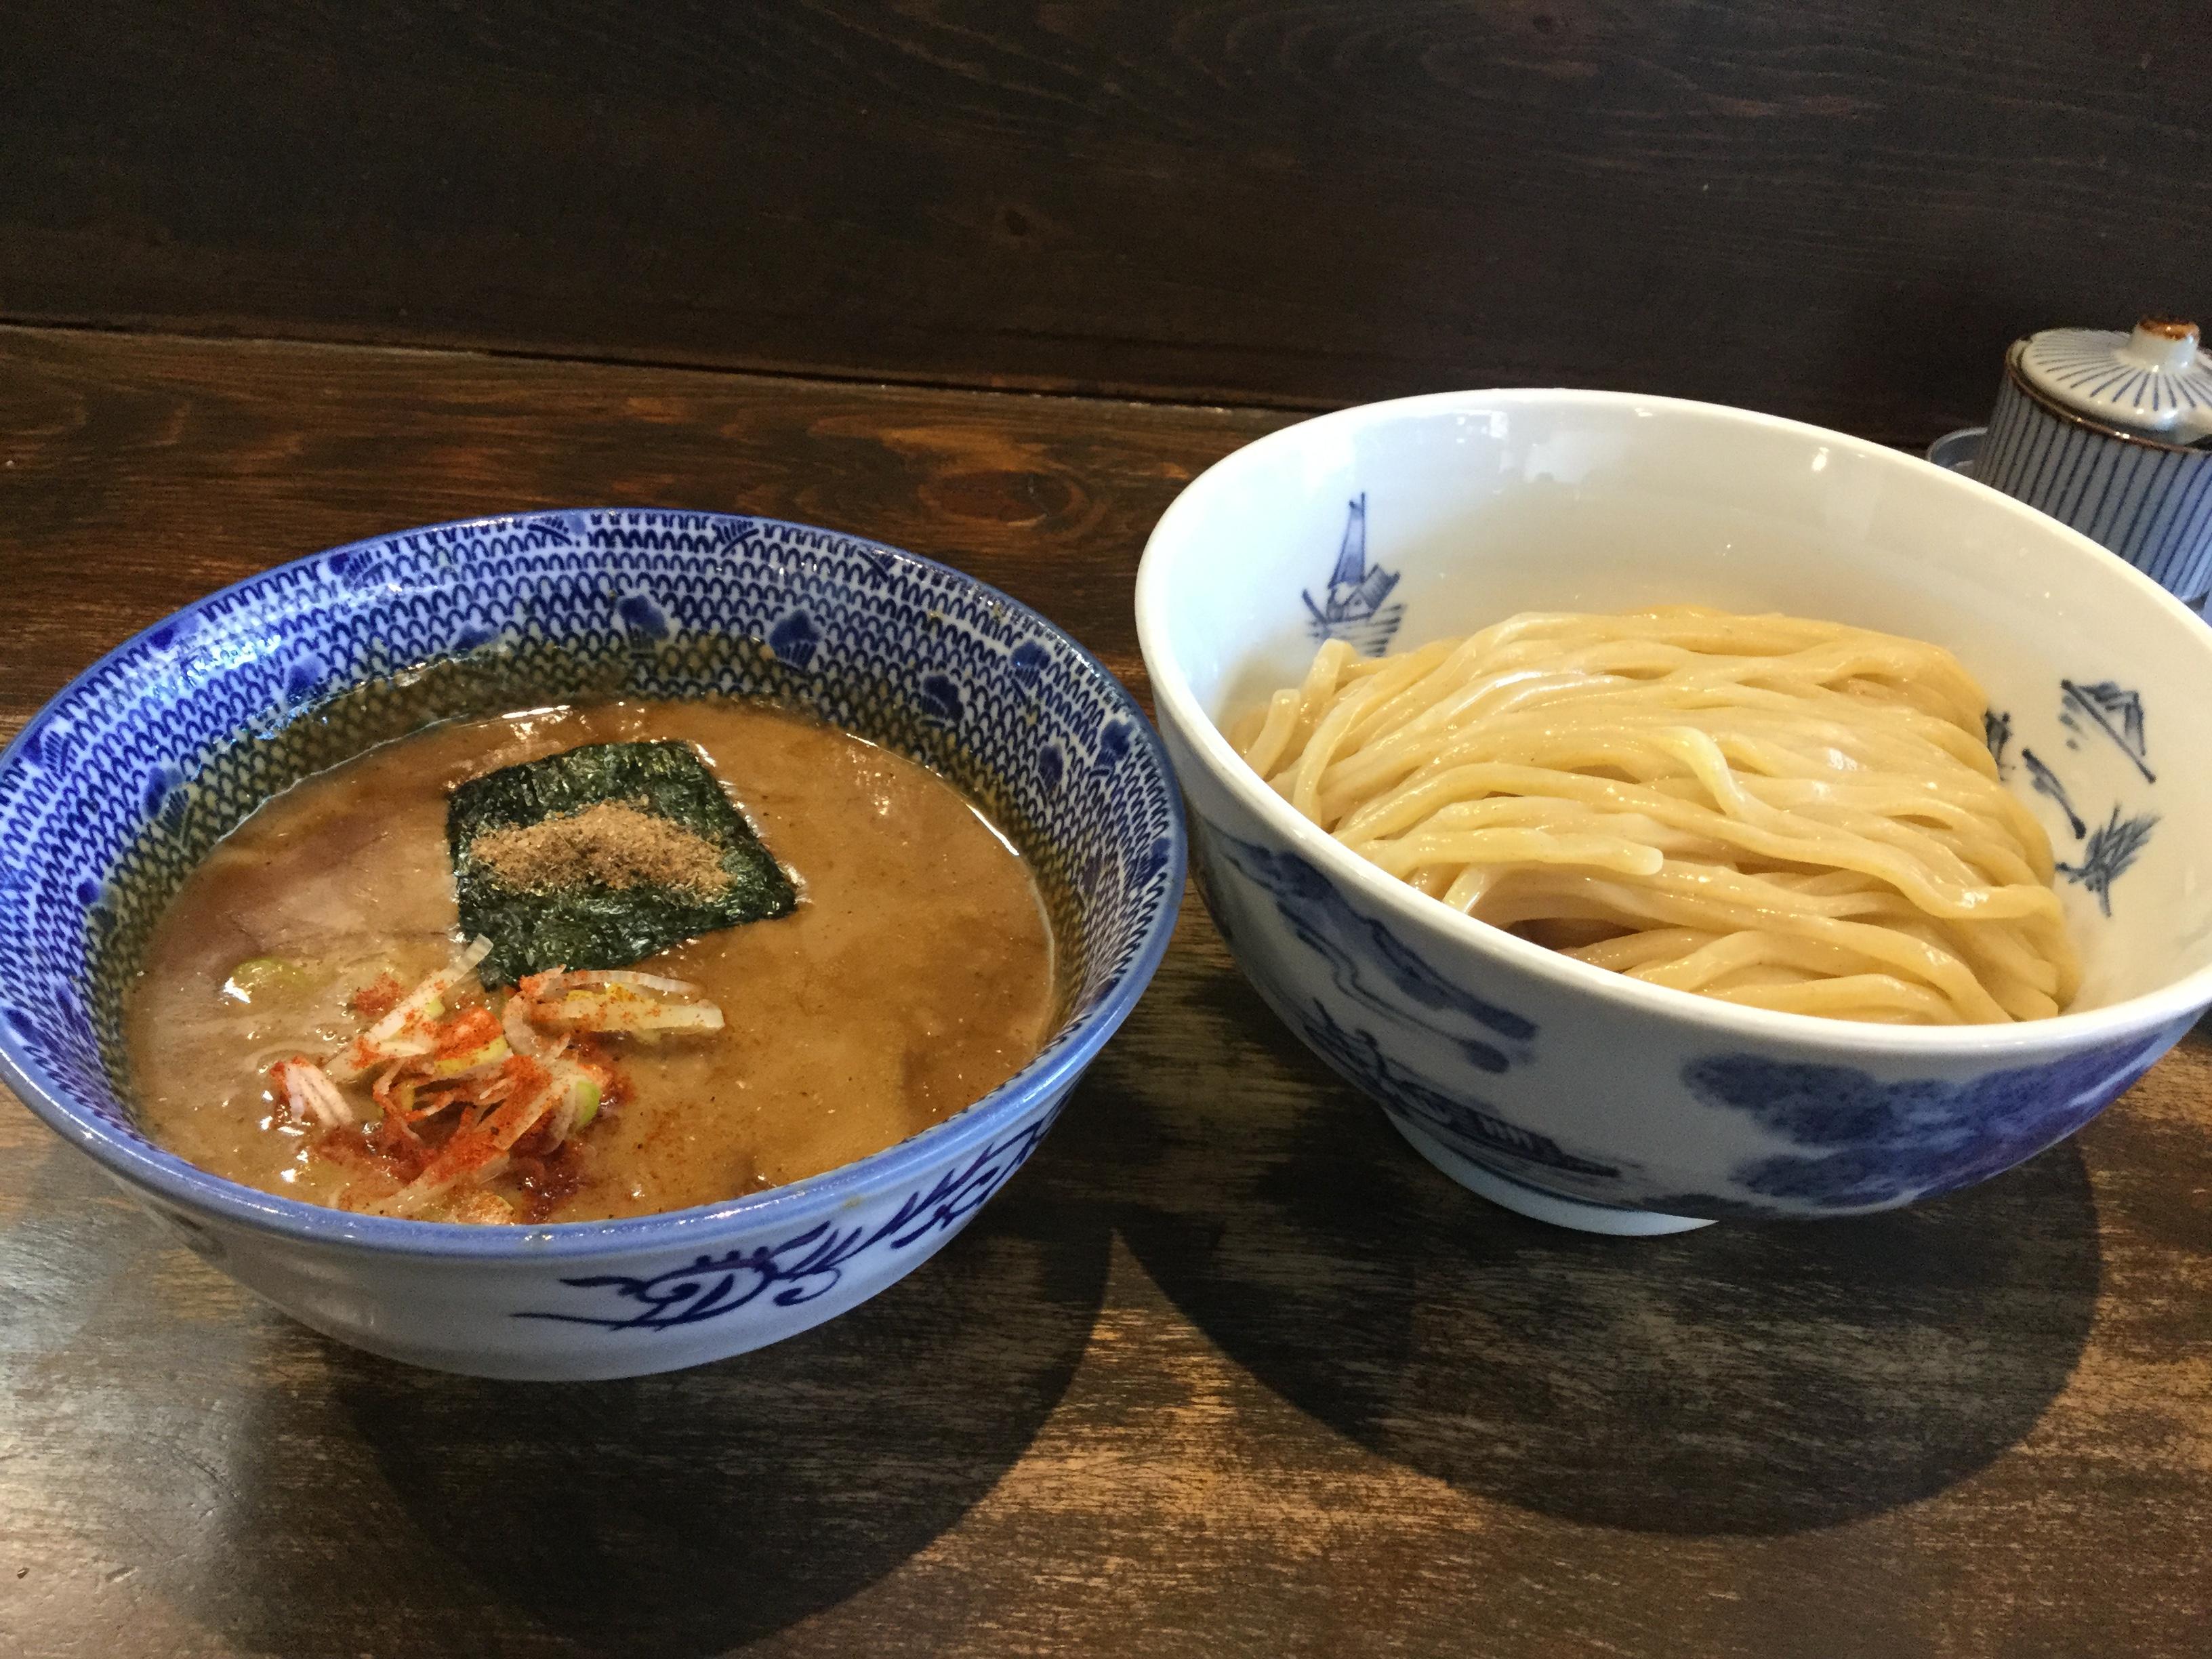 沖縄・沖縄市「つけ麺ジンベエ」のつけ麺は最高に美味しかった